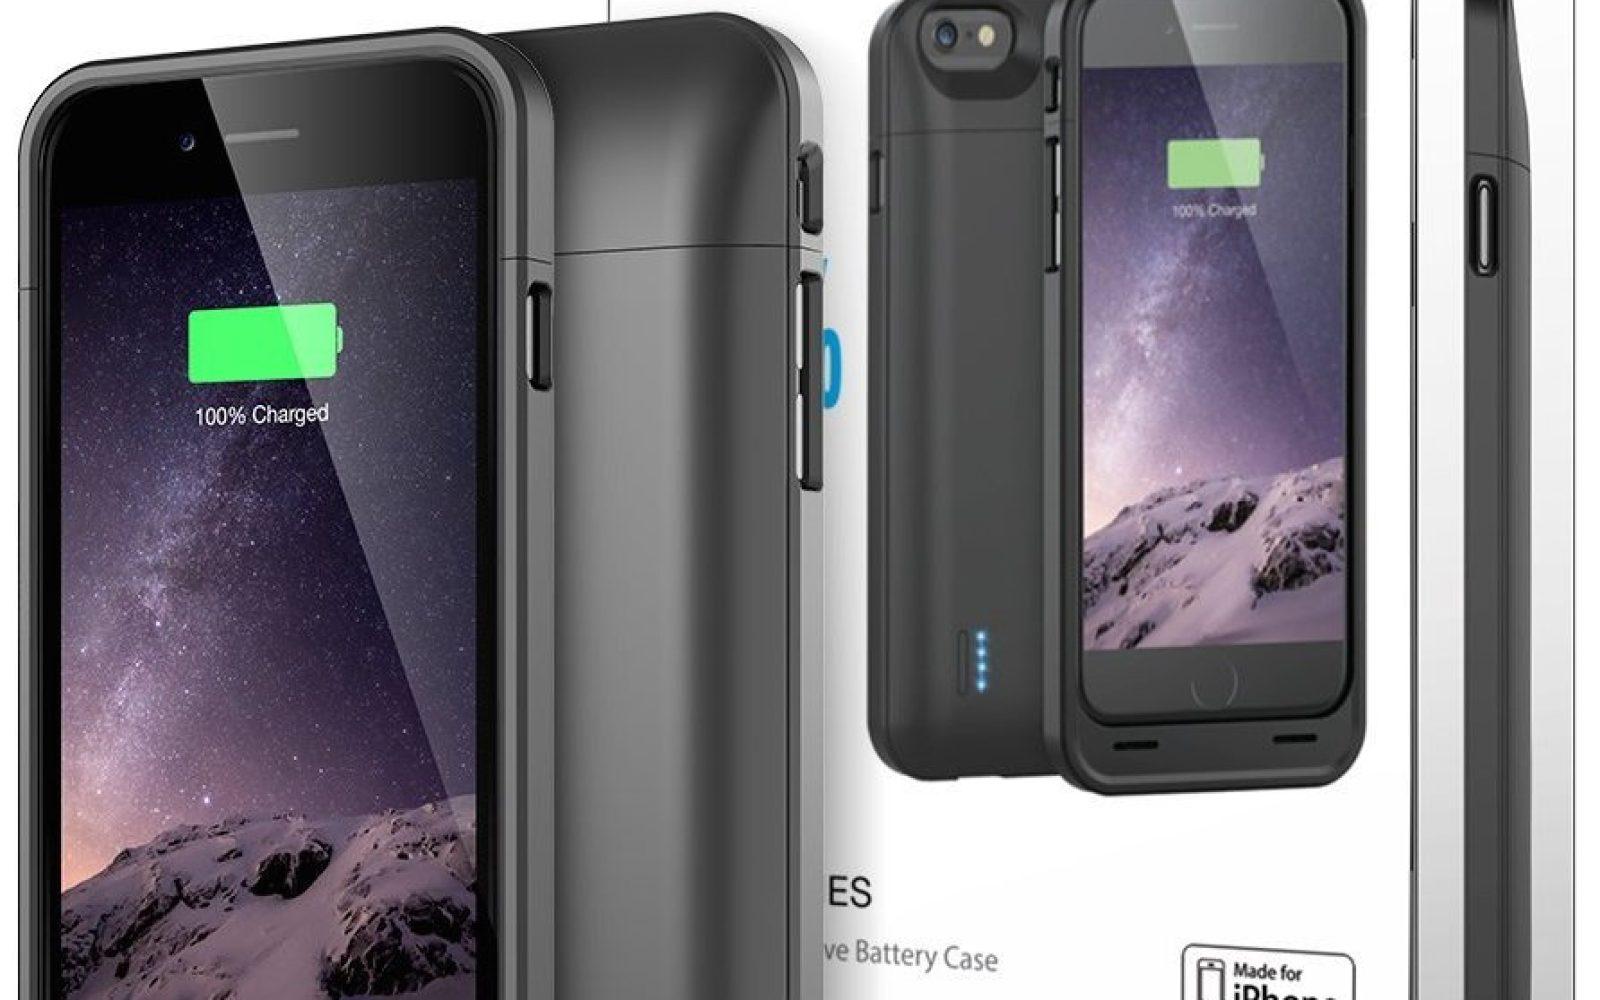 wholesale dealer 3f30c 69b22 uNu DX-6 iPhone 6 3000mAh MFi Battery Case $43 w/ in-store pickup ...